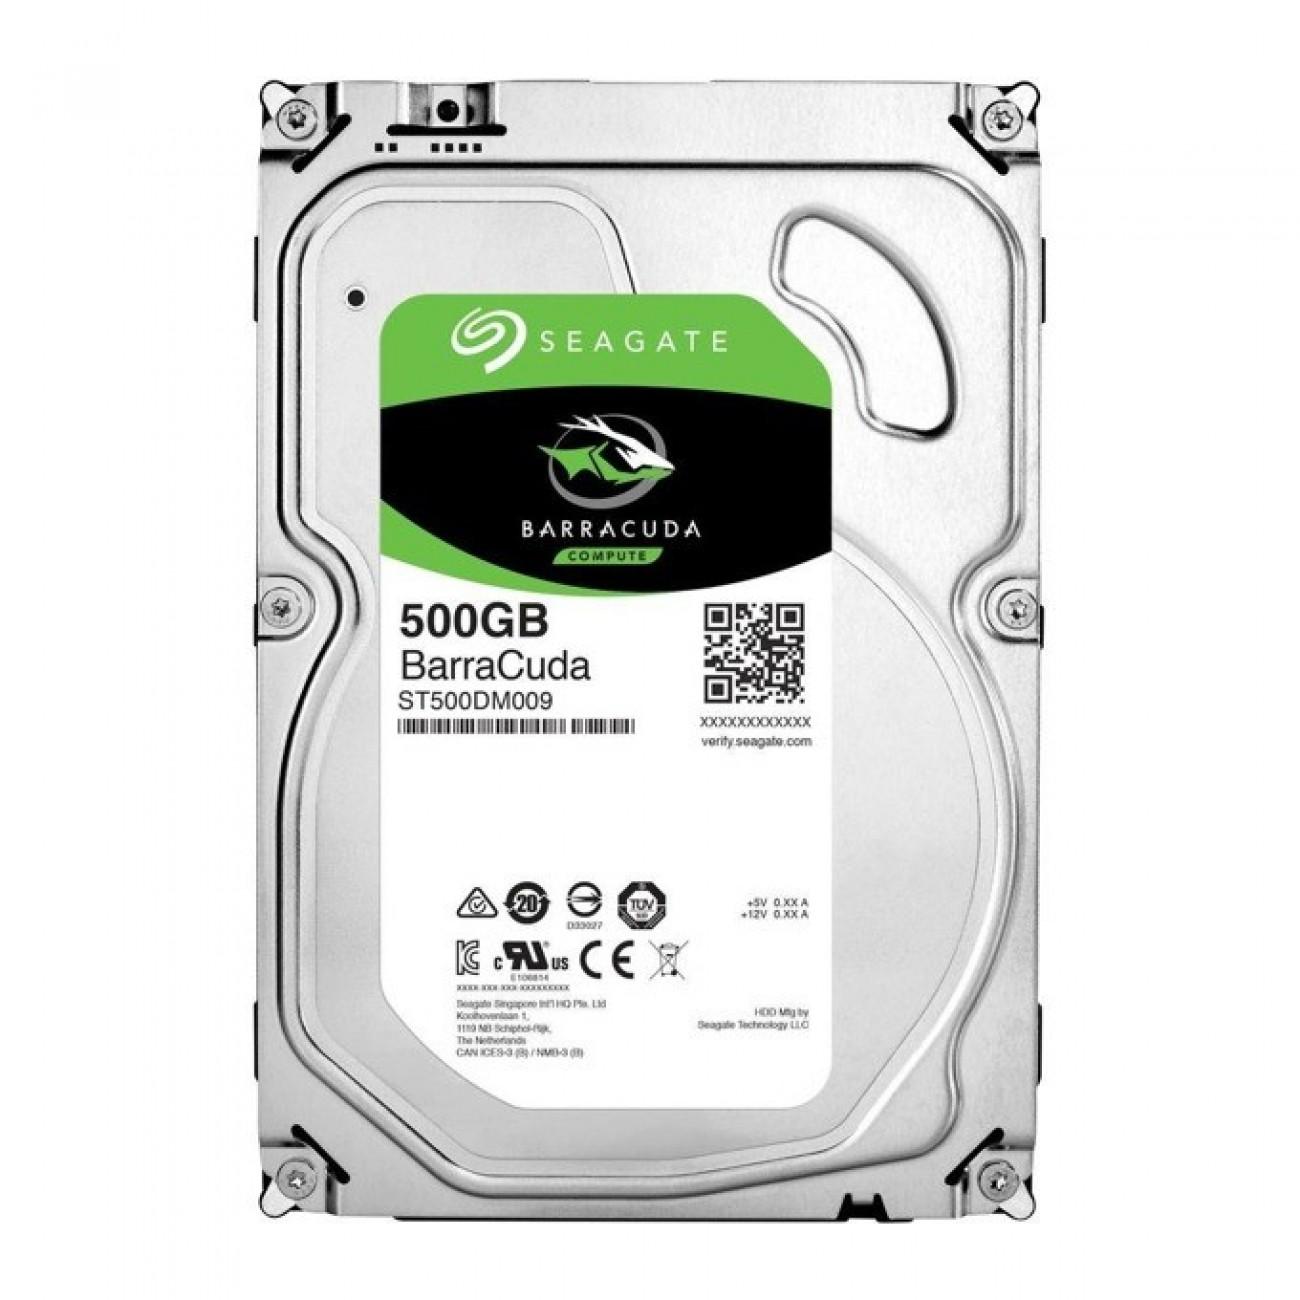 500GB Seagate BarraCuda, SATA 6Gb/s, 7200 rpm, 32MB, 3.5 (8.89cm) в Твърди дискове Вътрешни -    Alleop